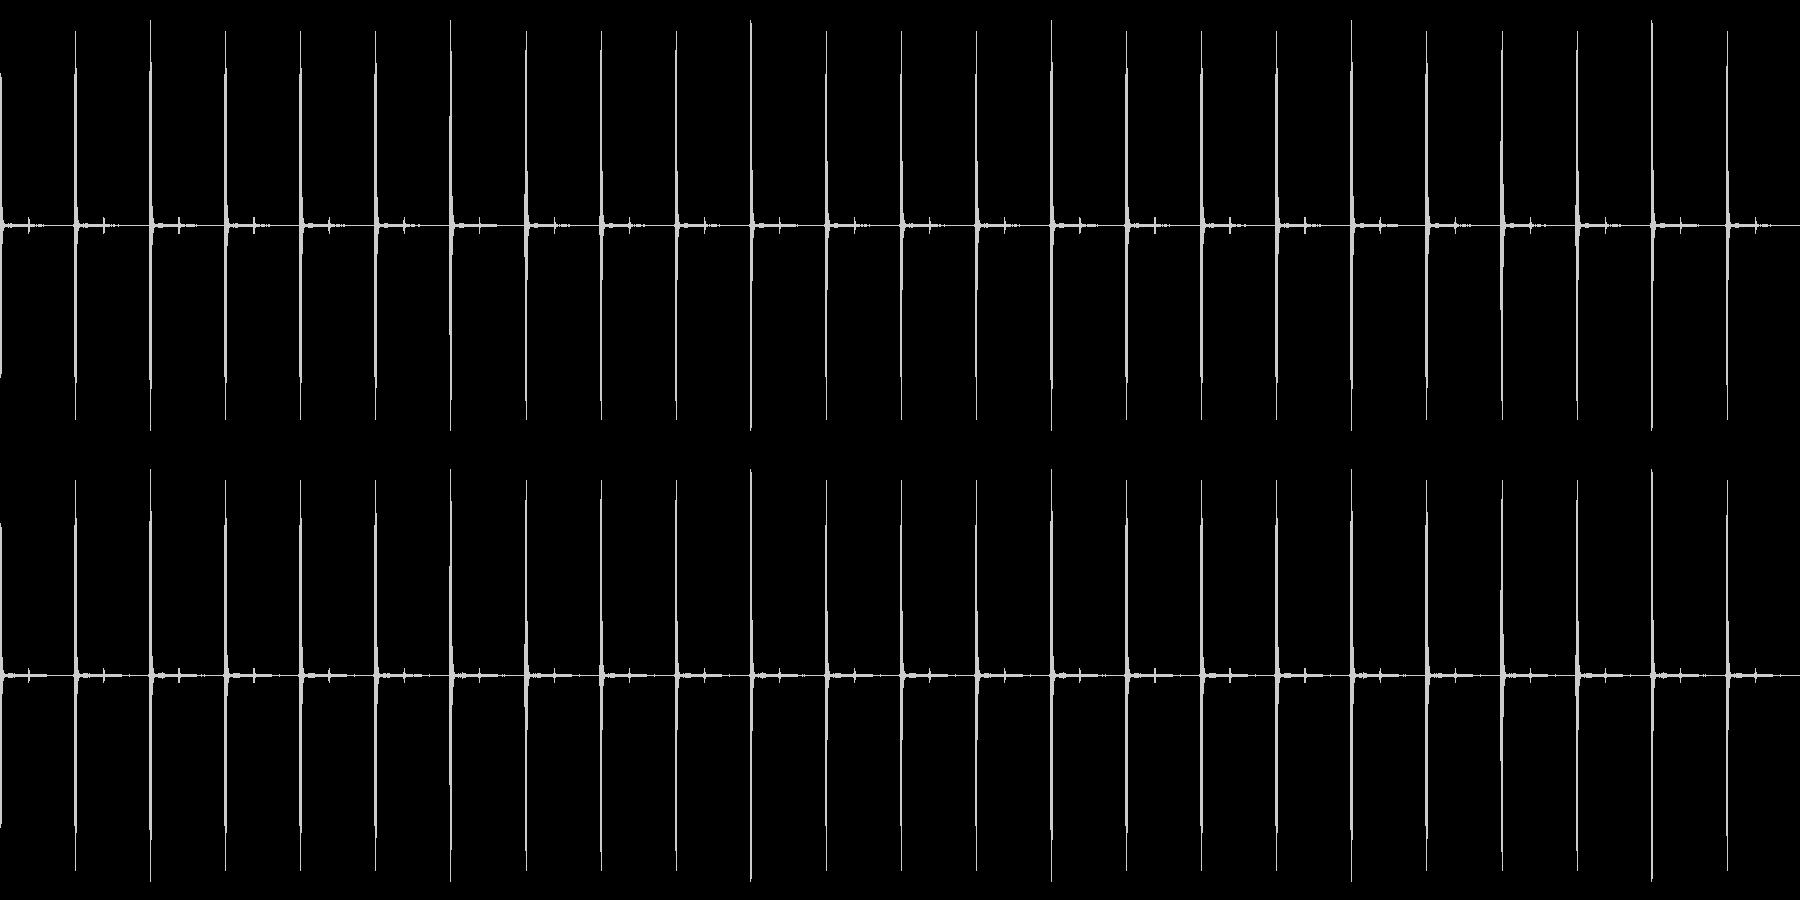 カッチカッチ…アナログ時計(ループ)の未再生の波形